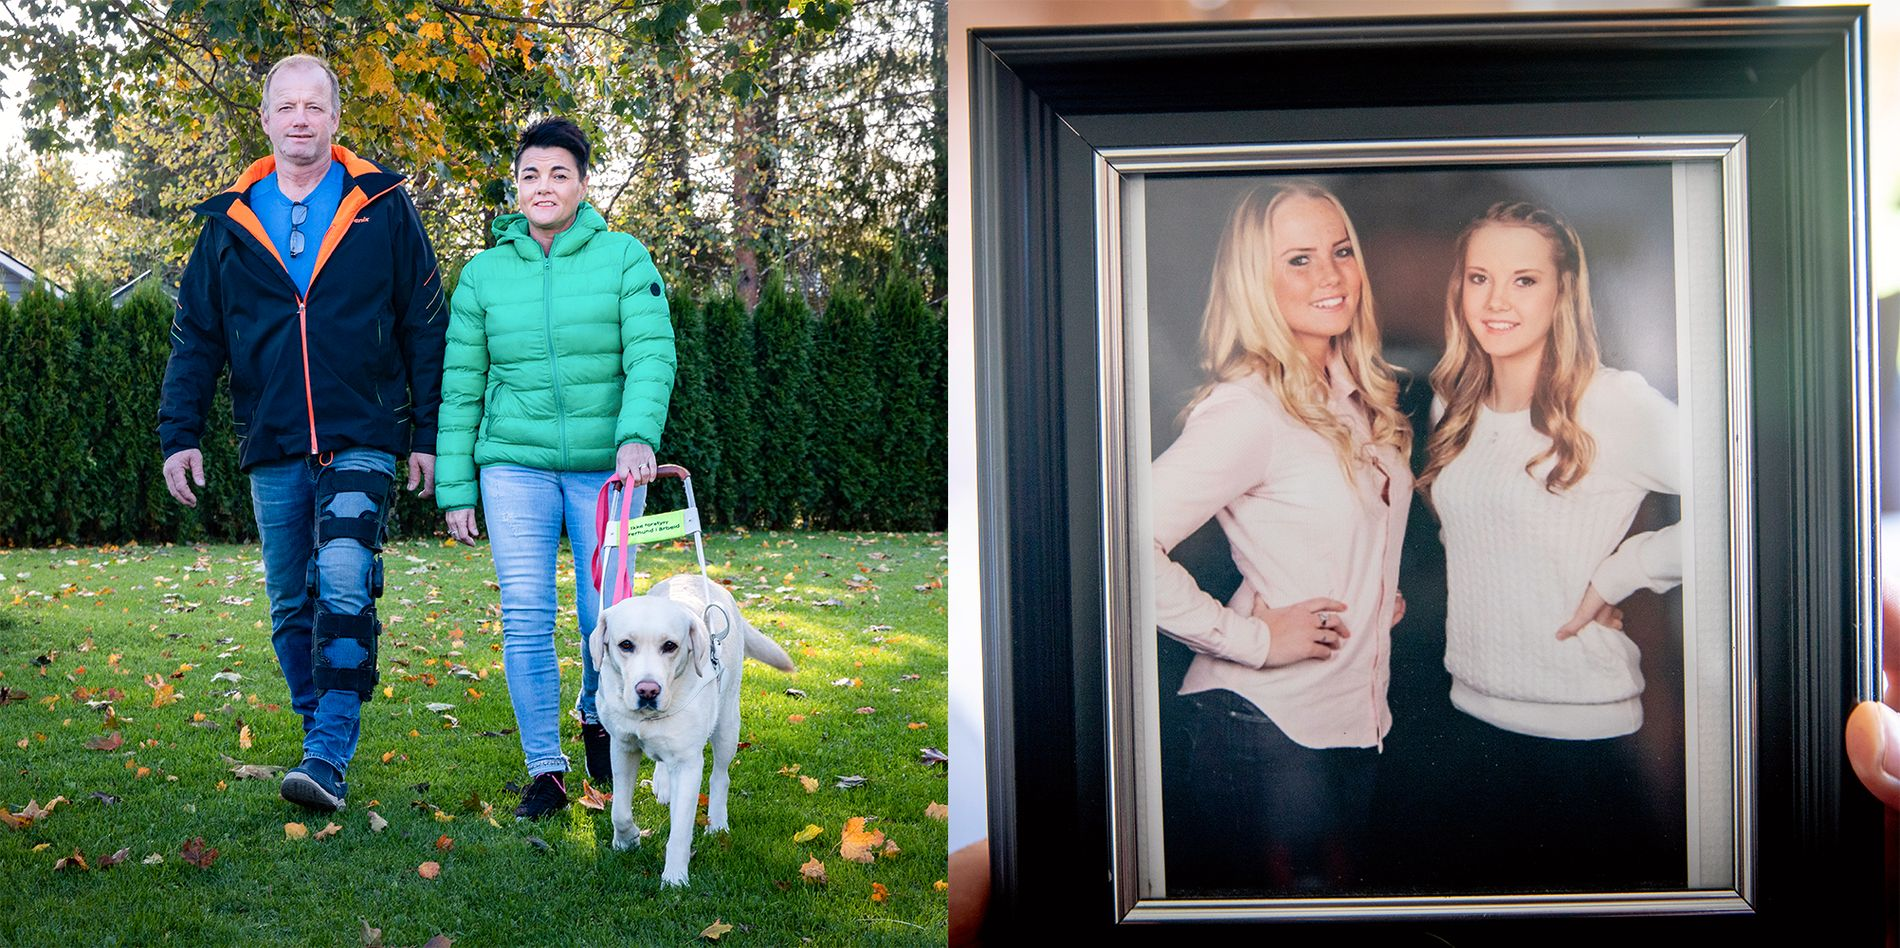 «Farmen»-Terjes kone Åse Line ble blind - har aldri sett sin yngste datter